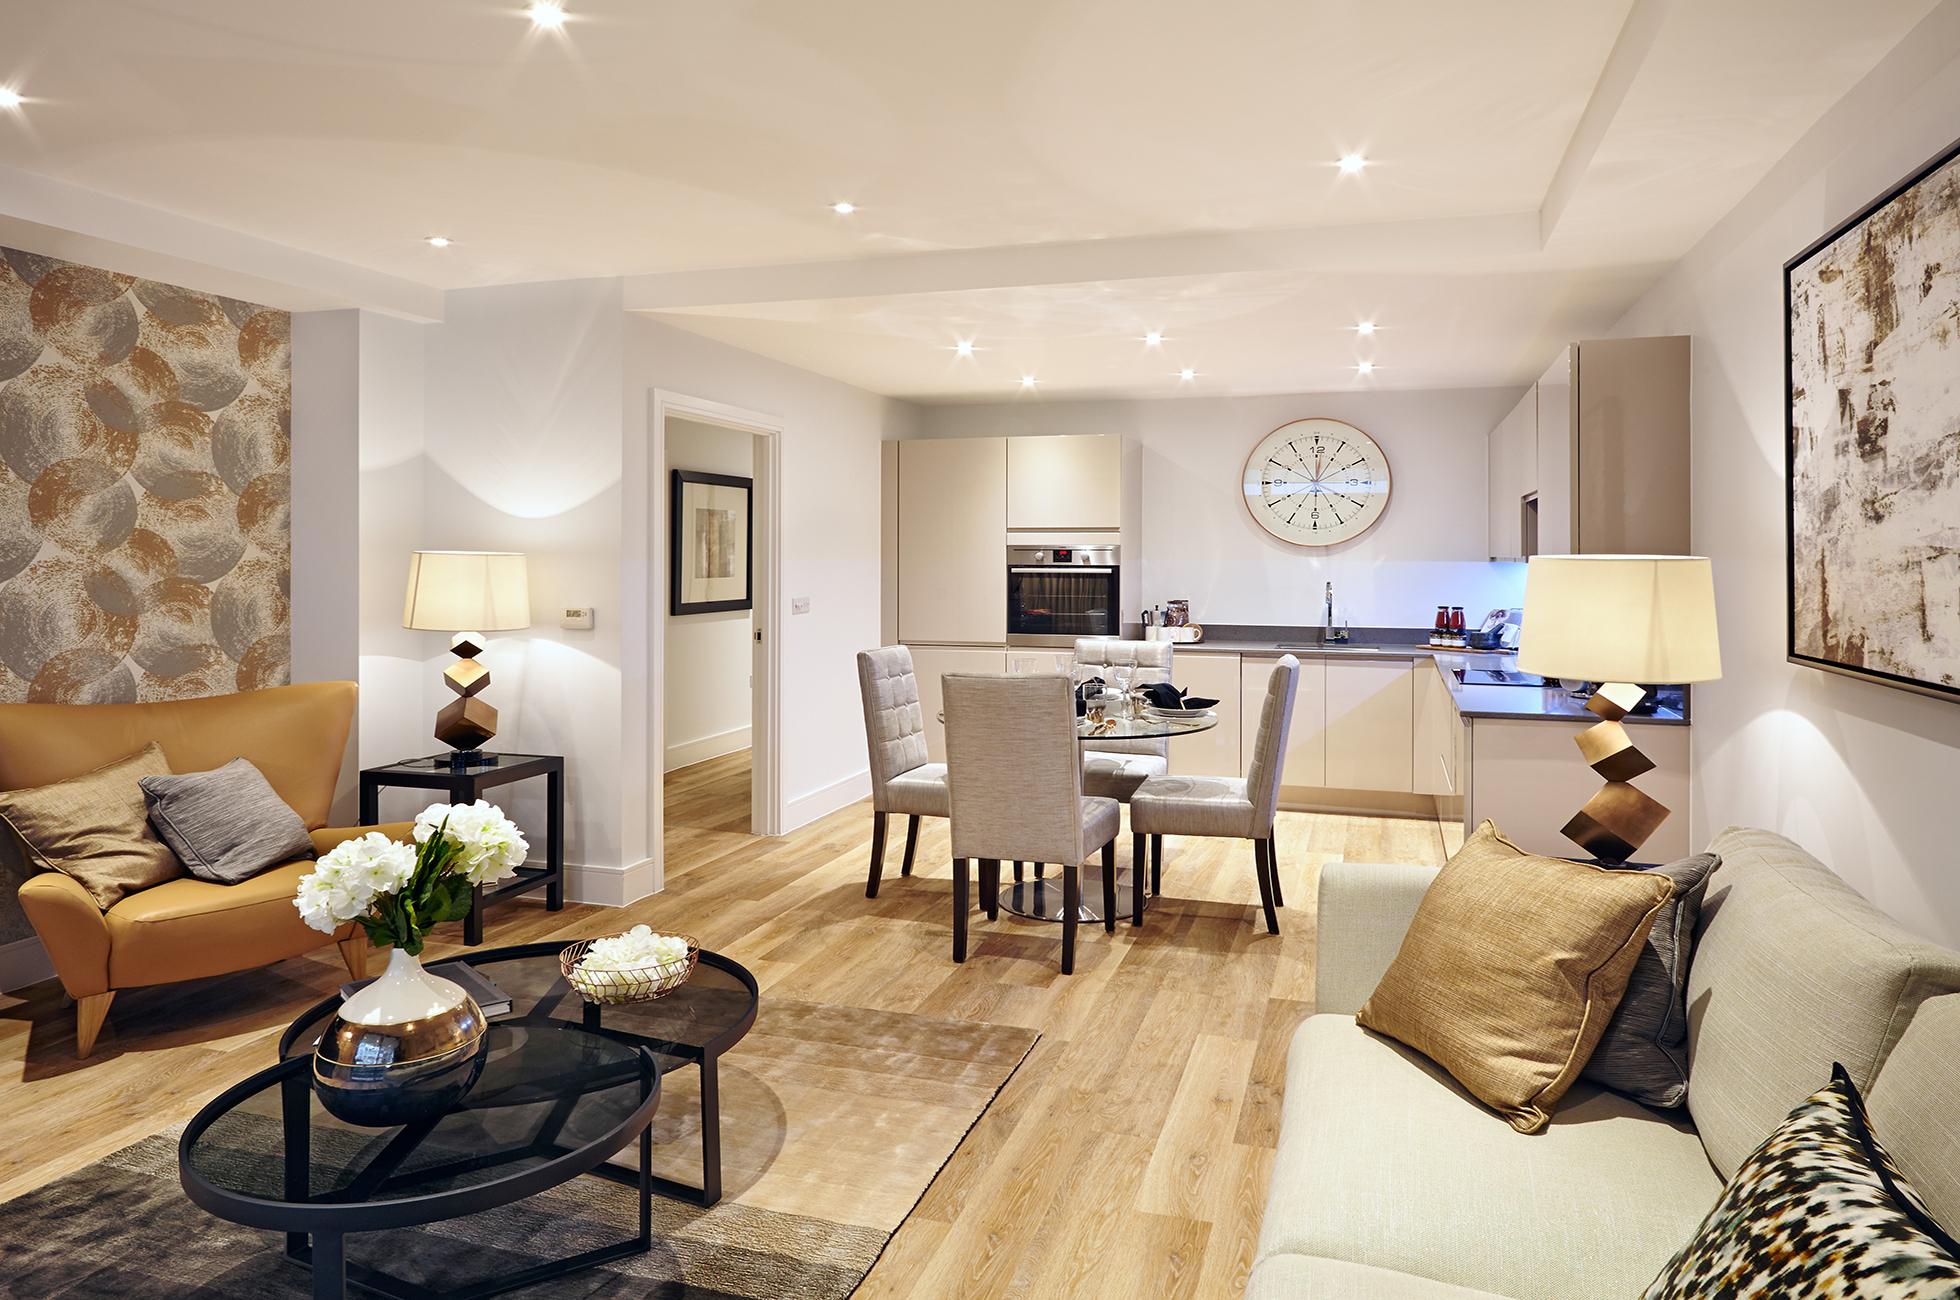 Earlsfield_Living-Dining_Room_1960x1300